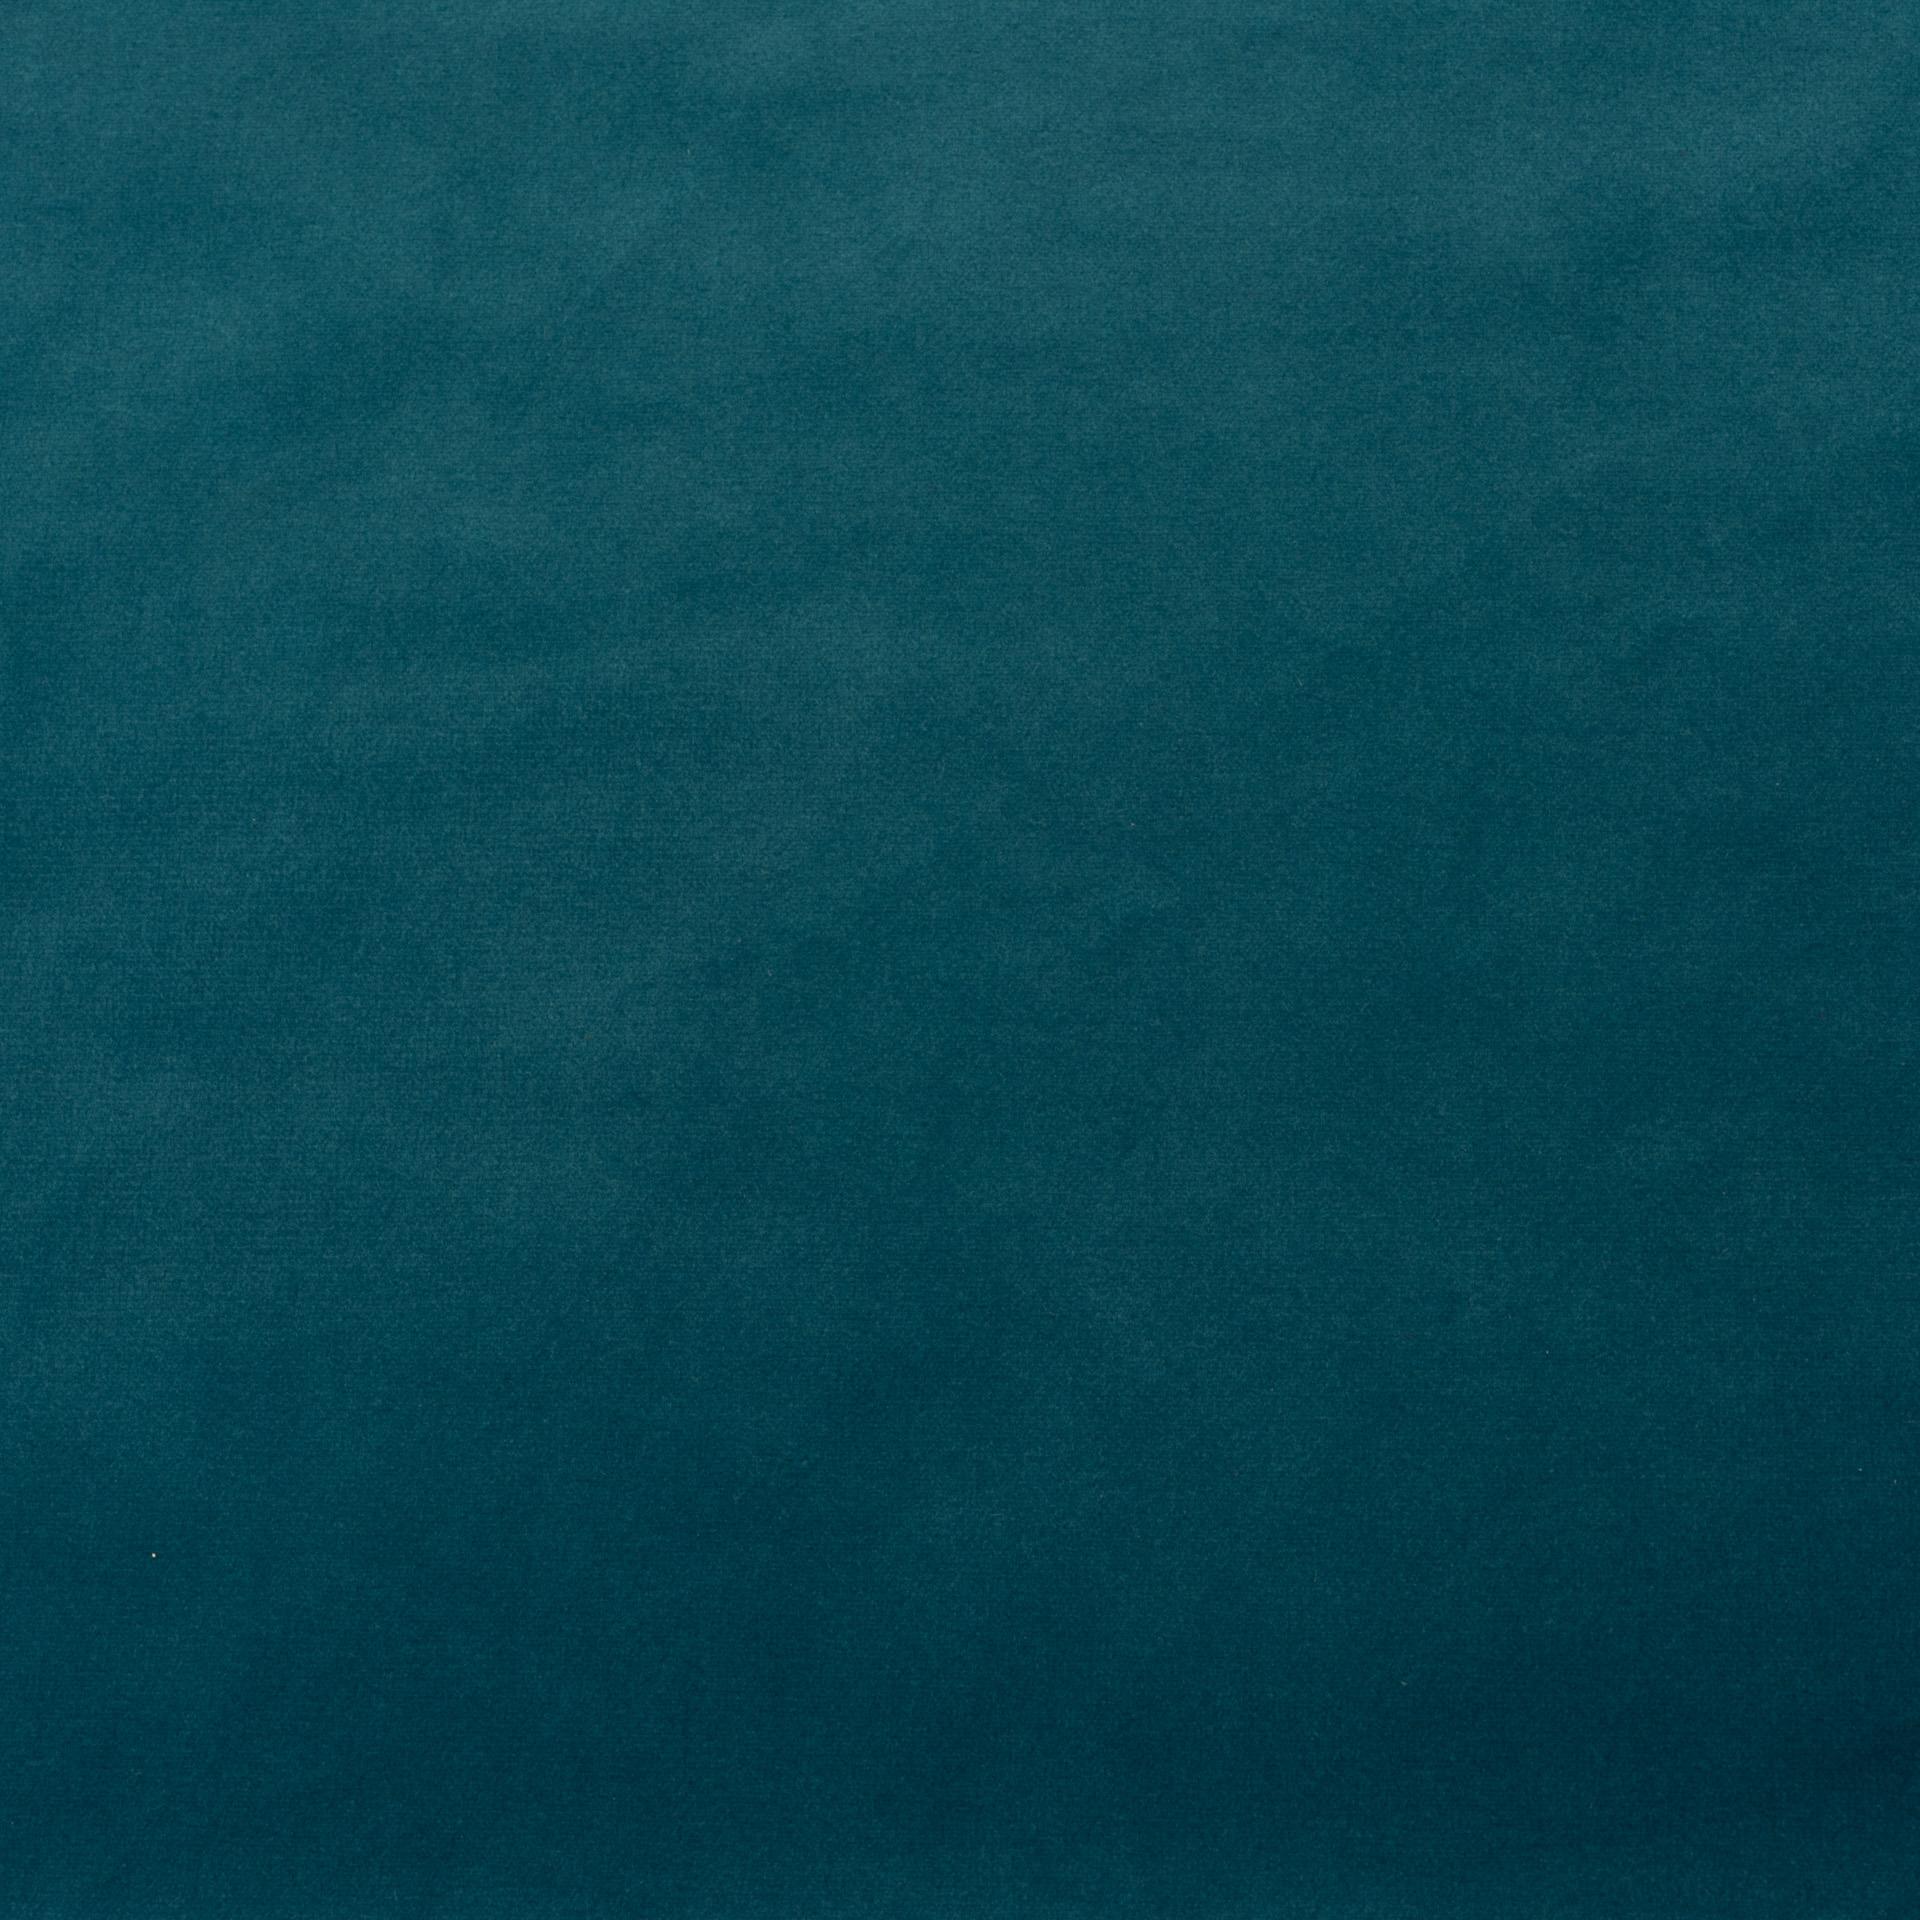 Коллекция ткани Альмира 09 BISCAY BLUE,  купить ткань Велюр для мебели Украина